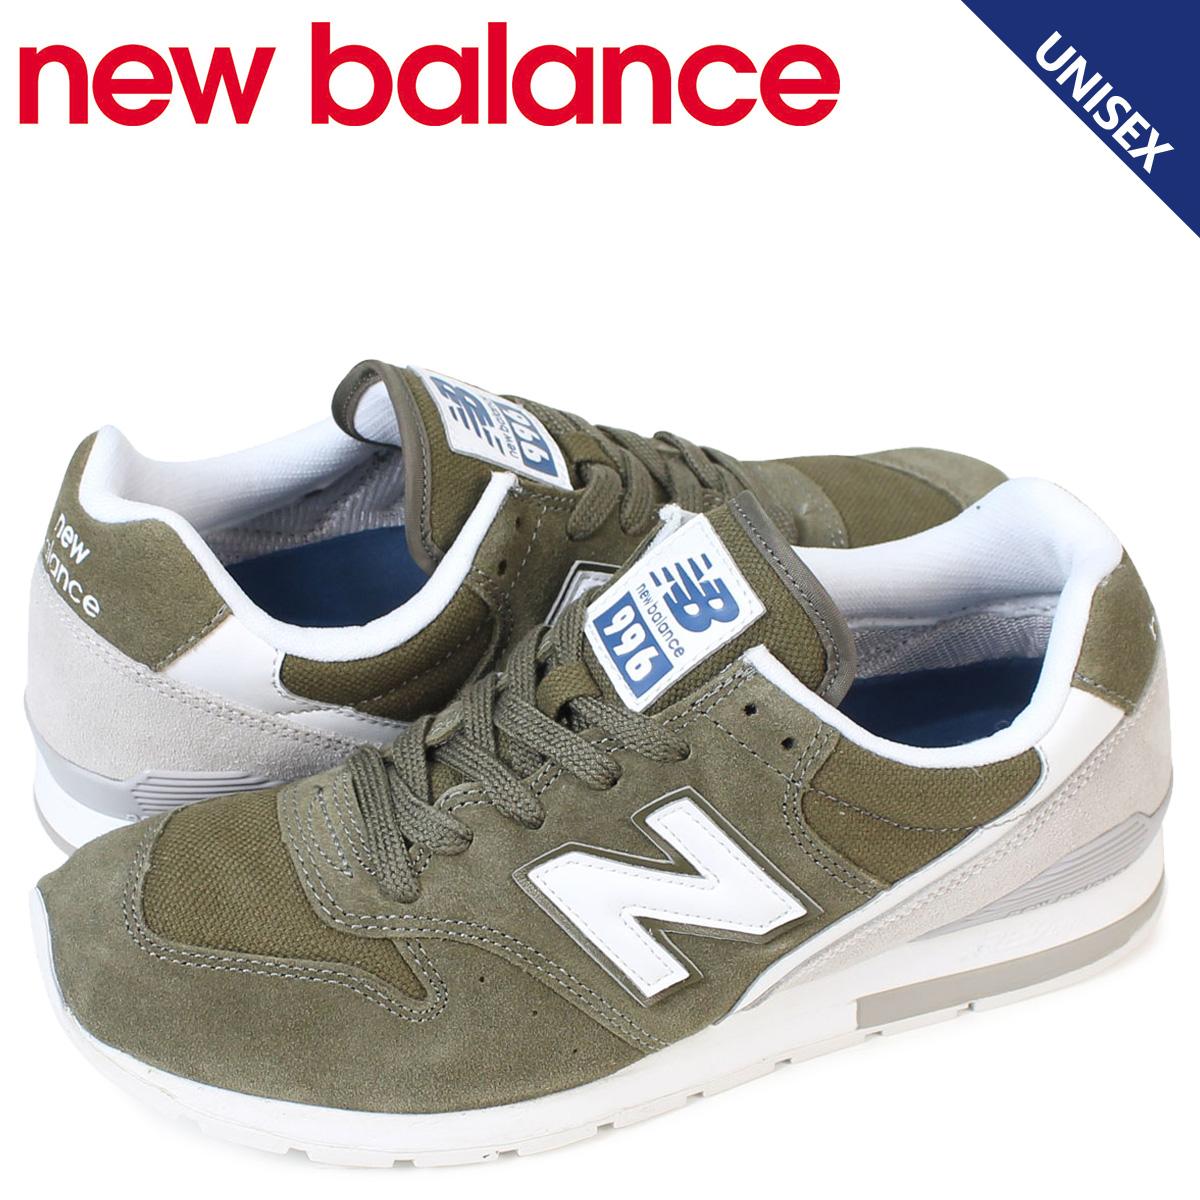 new balance mrl996 jz